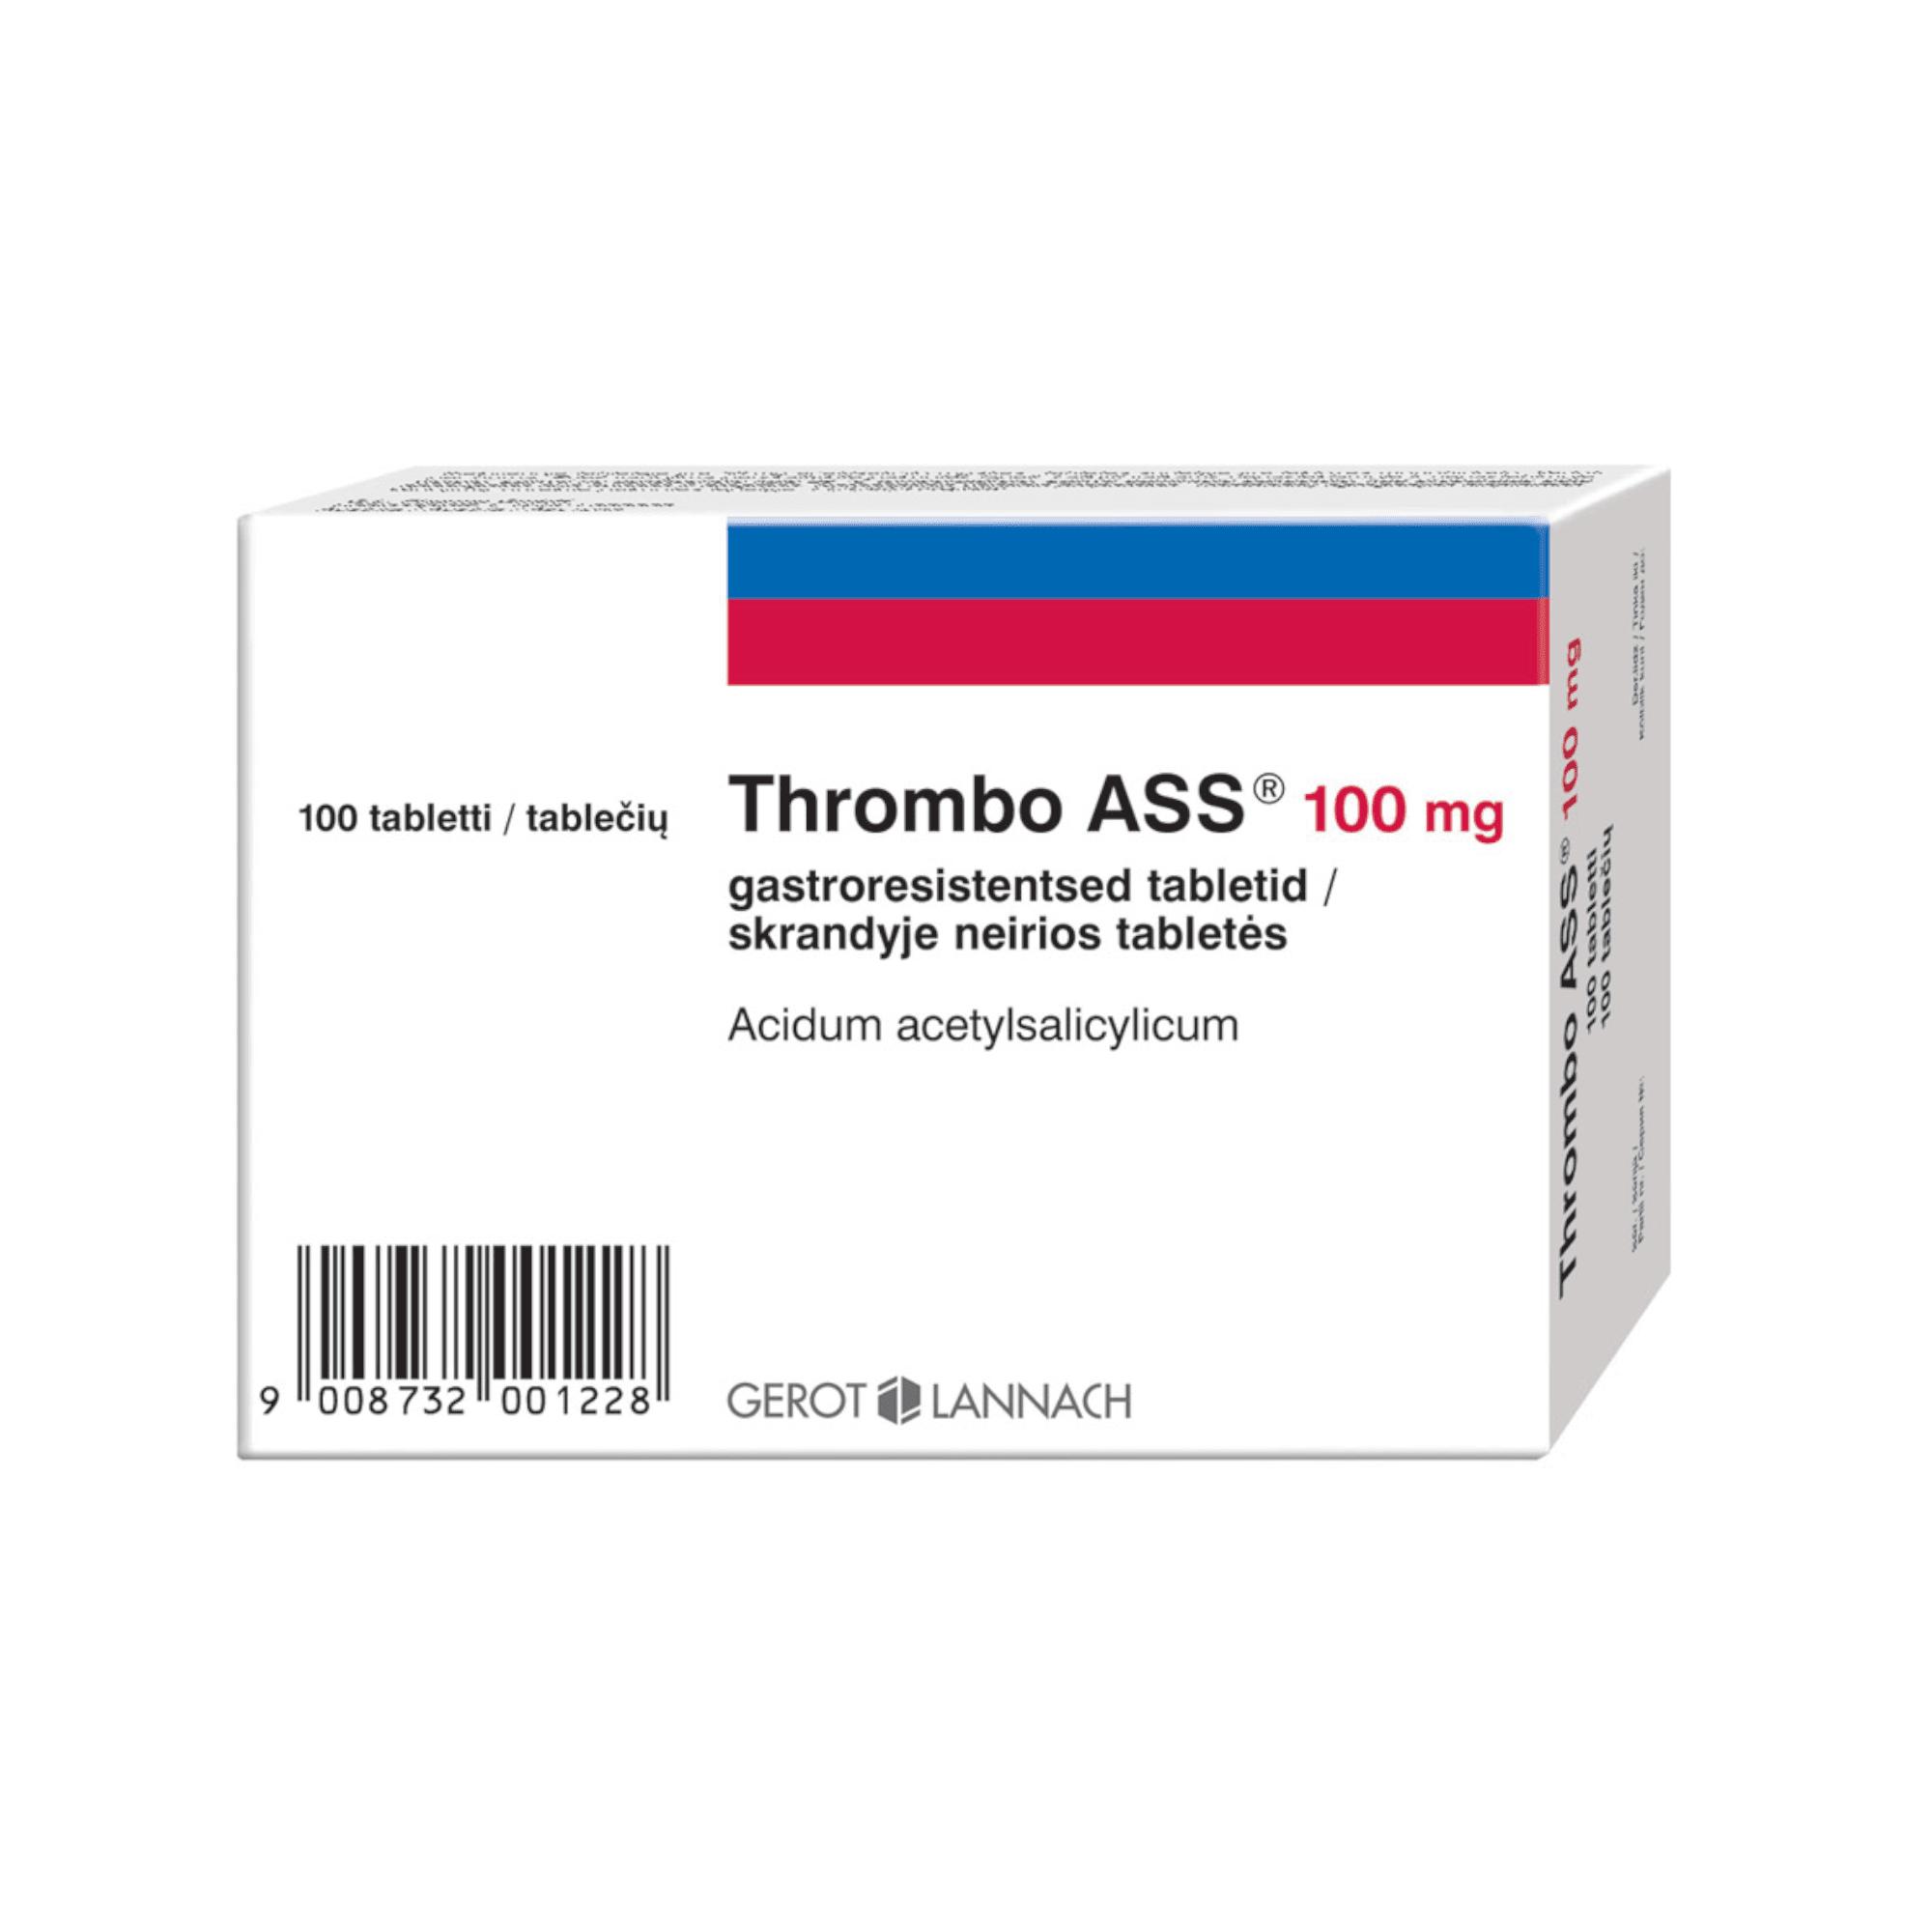 SPIRIX 50 mg, 30 tabl.